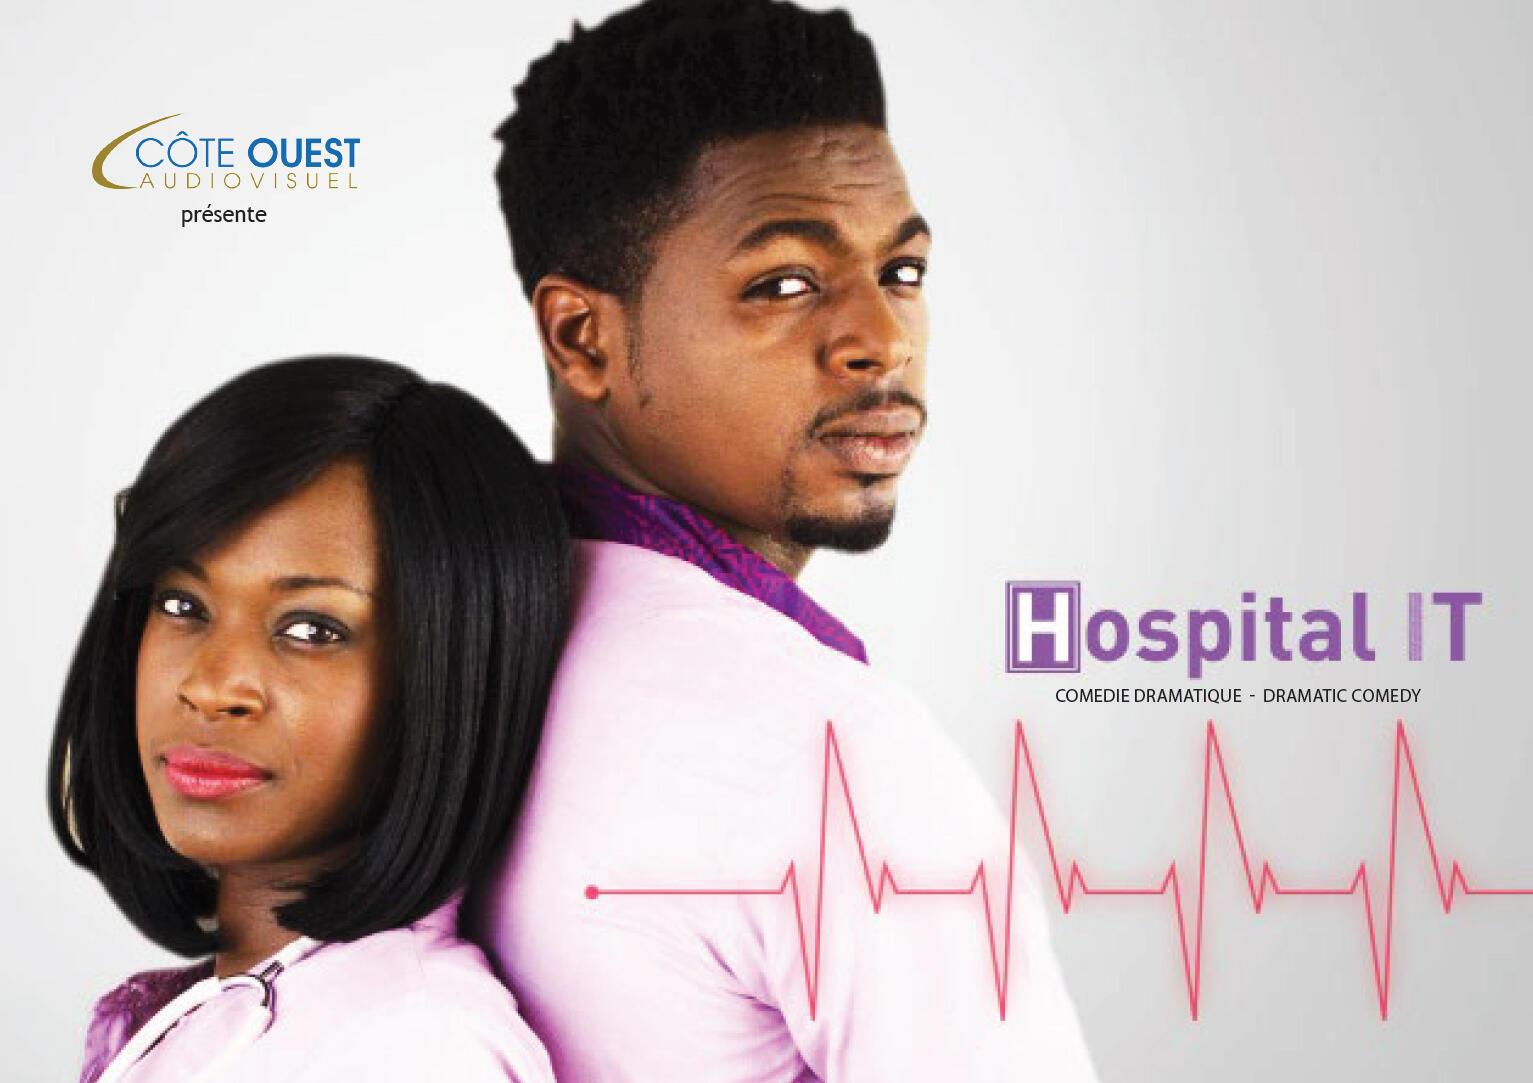 La série togolaise « Hospital IT », produite par Côte Ouest Audiovisuel.